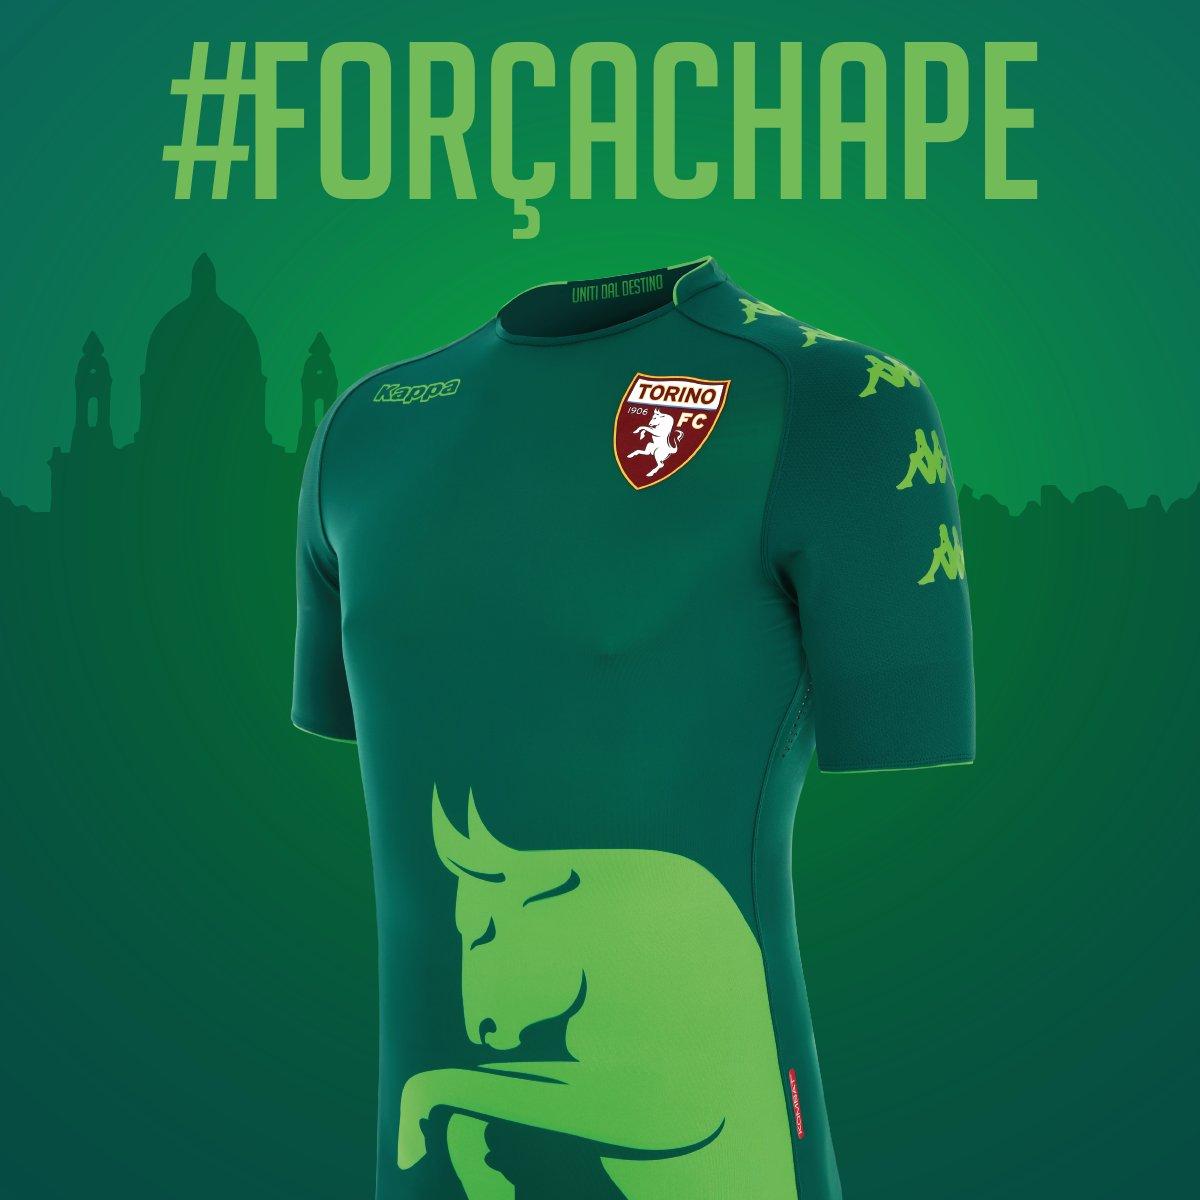 0010eadf22 Torino divulga uniforme que usará em homenagem à Chapecoense - 20 12 ...